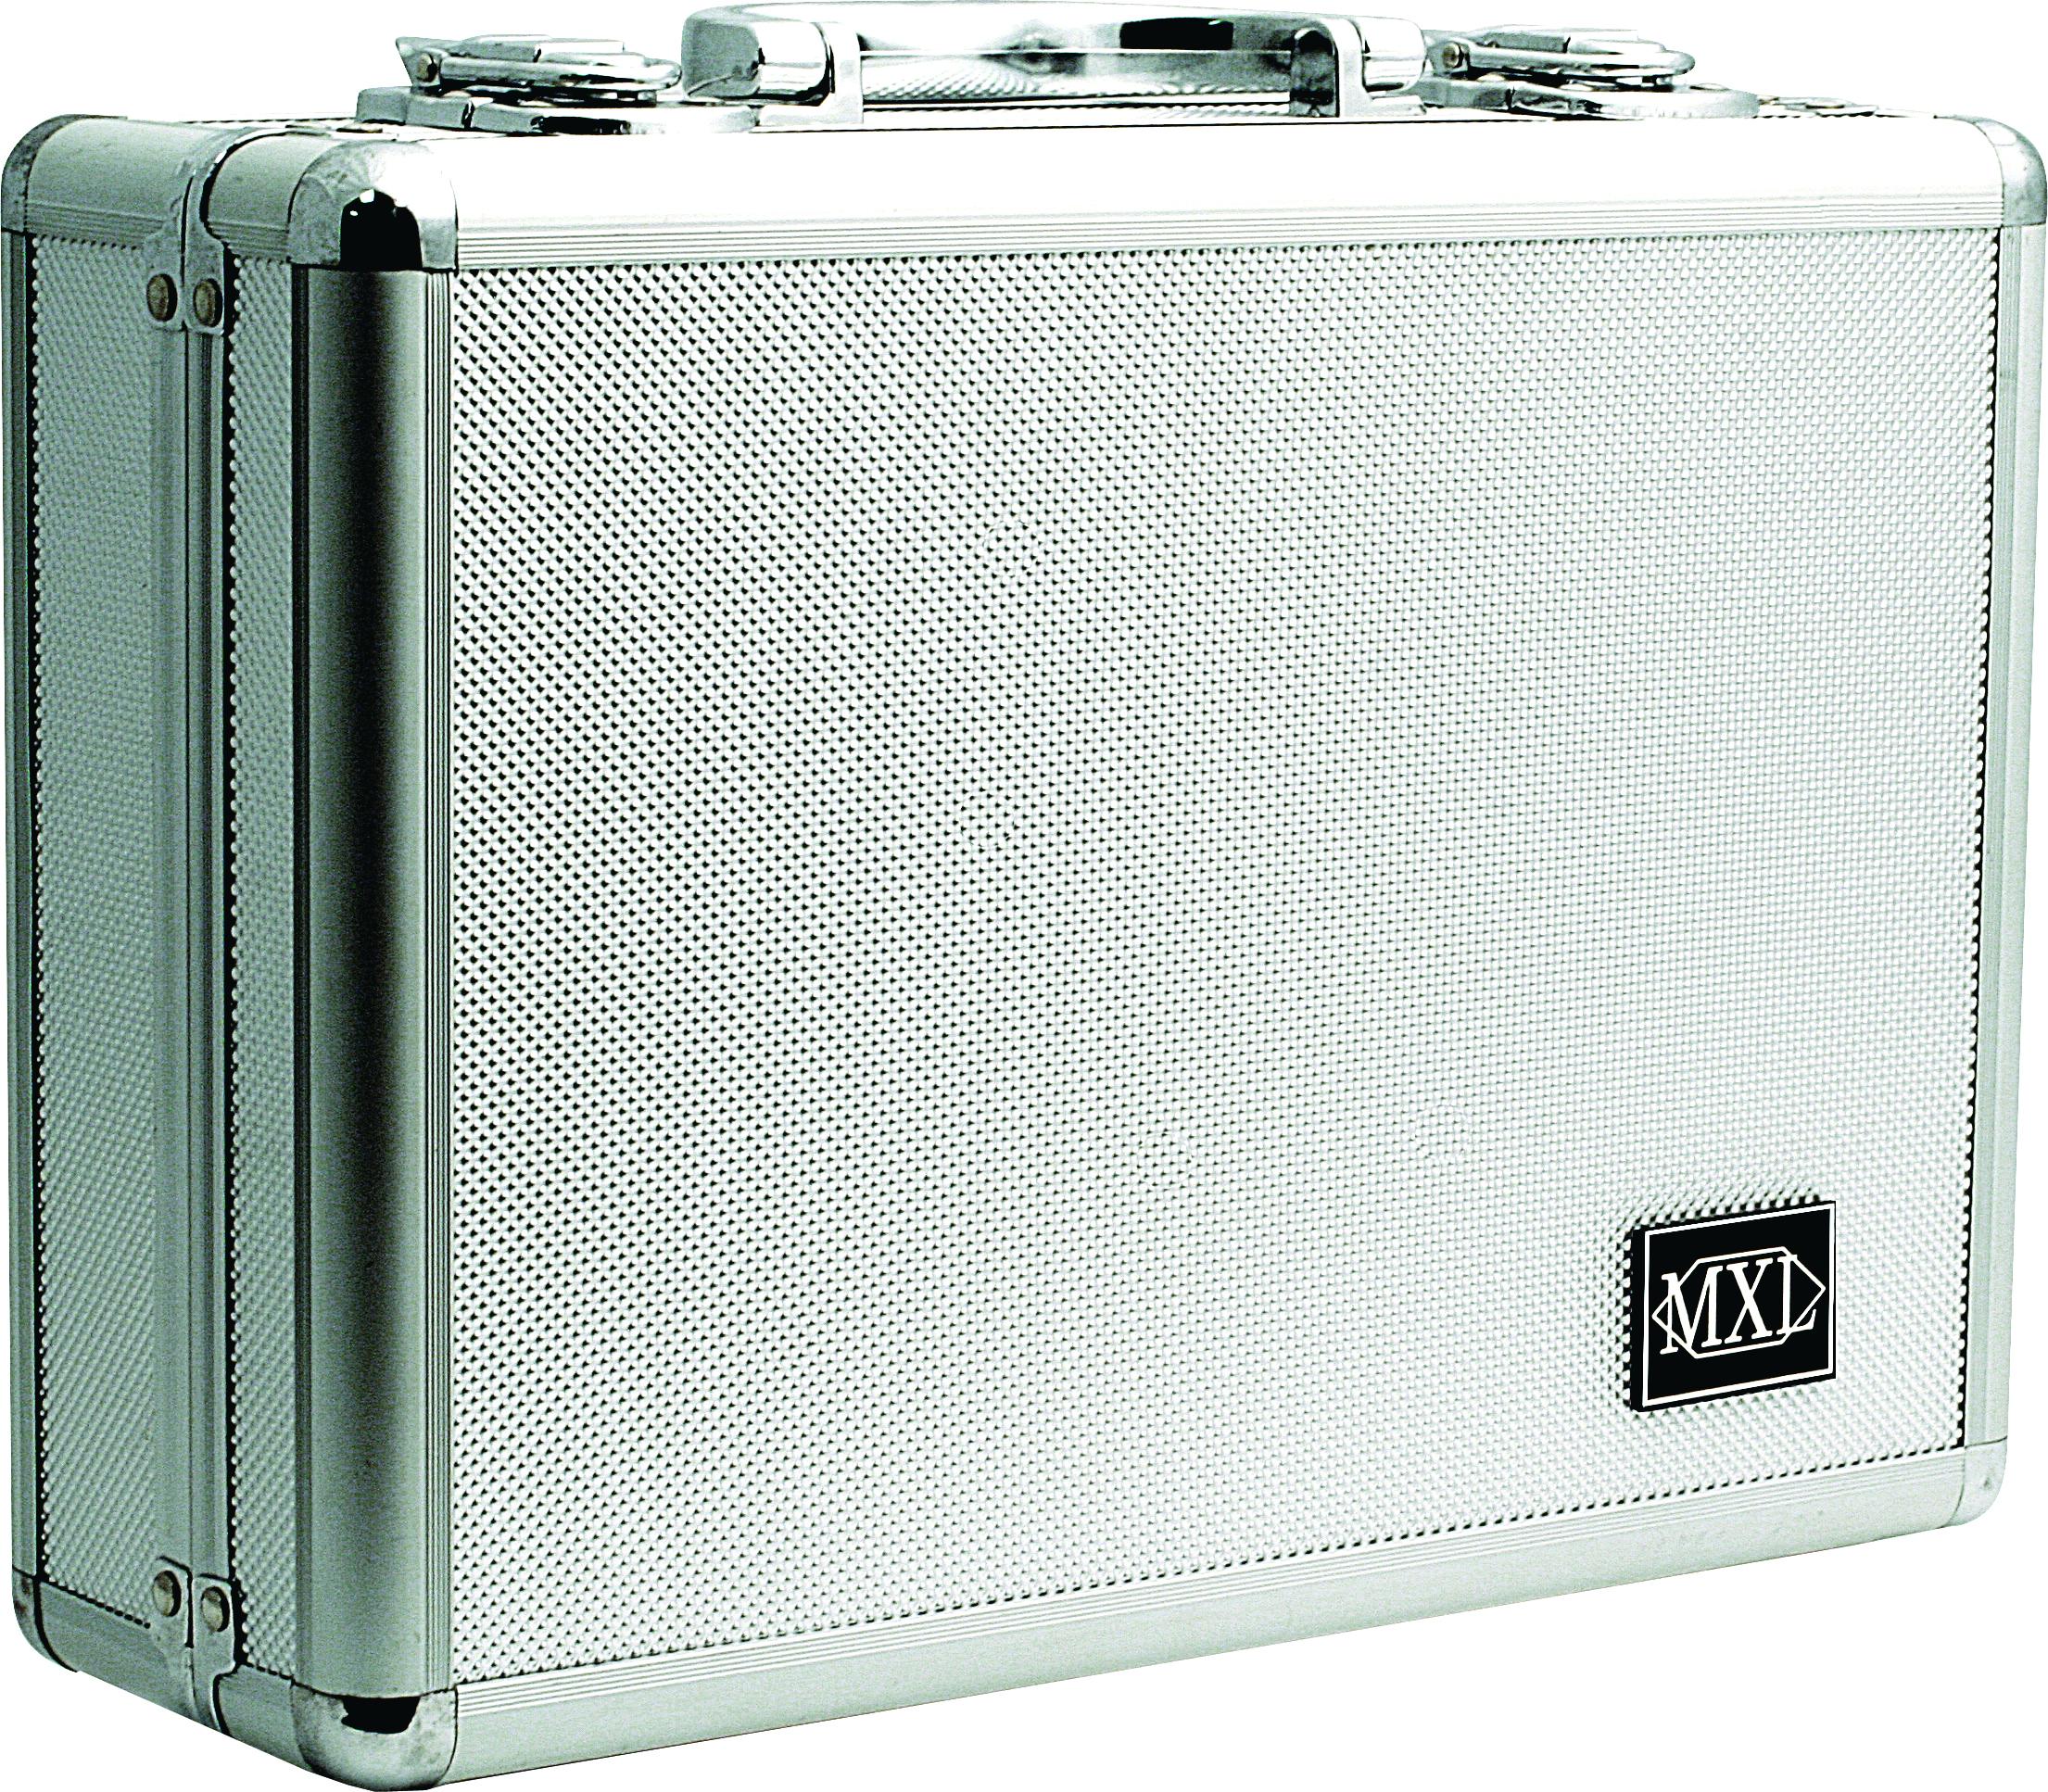 Aluminum_Case